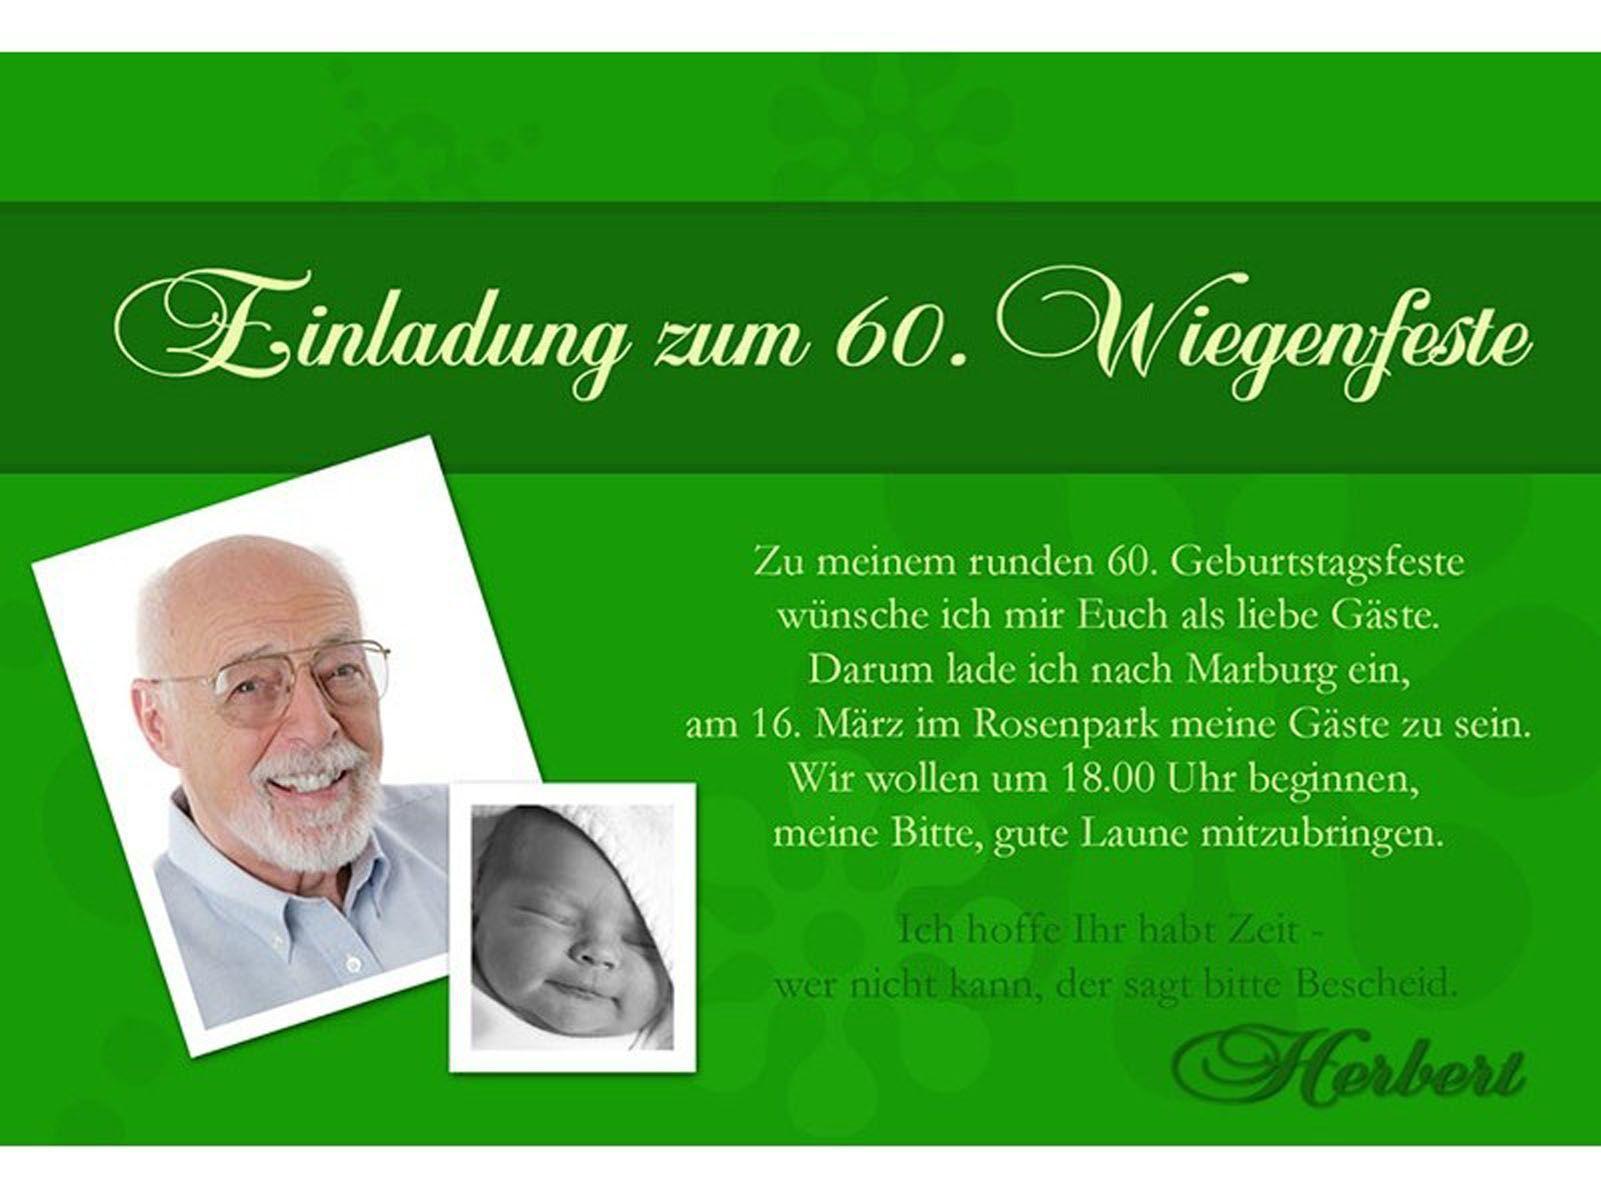 Geburtstag Einladungskarte Einladungskarten 60 Geburtstag Vorlagen Kostenlos Geburtstag Einladungskarte